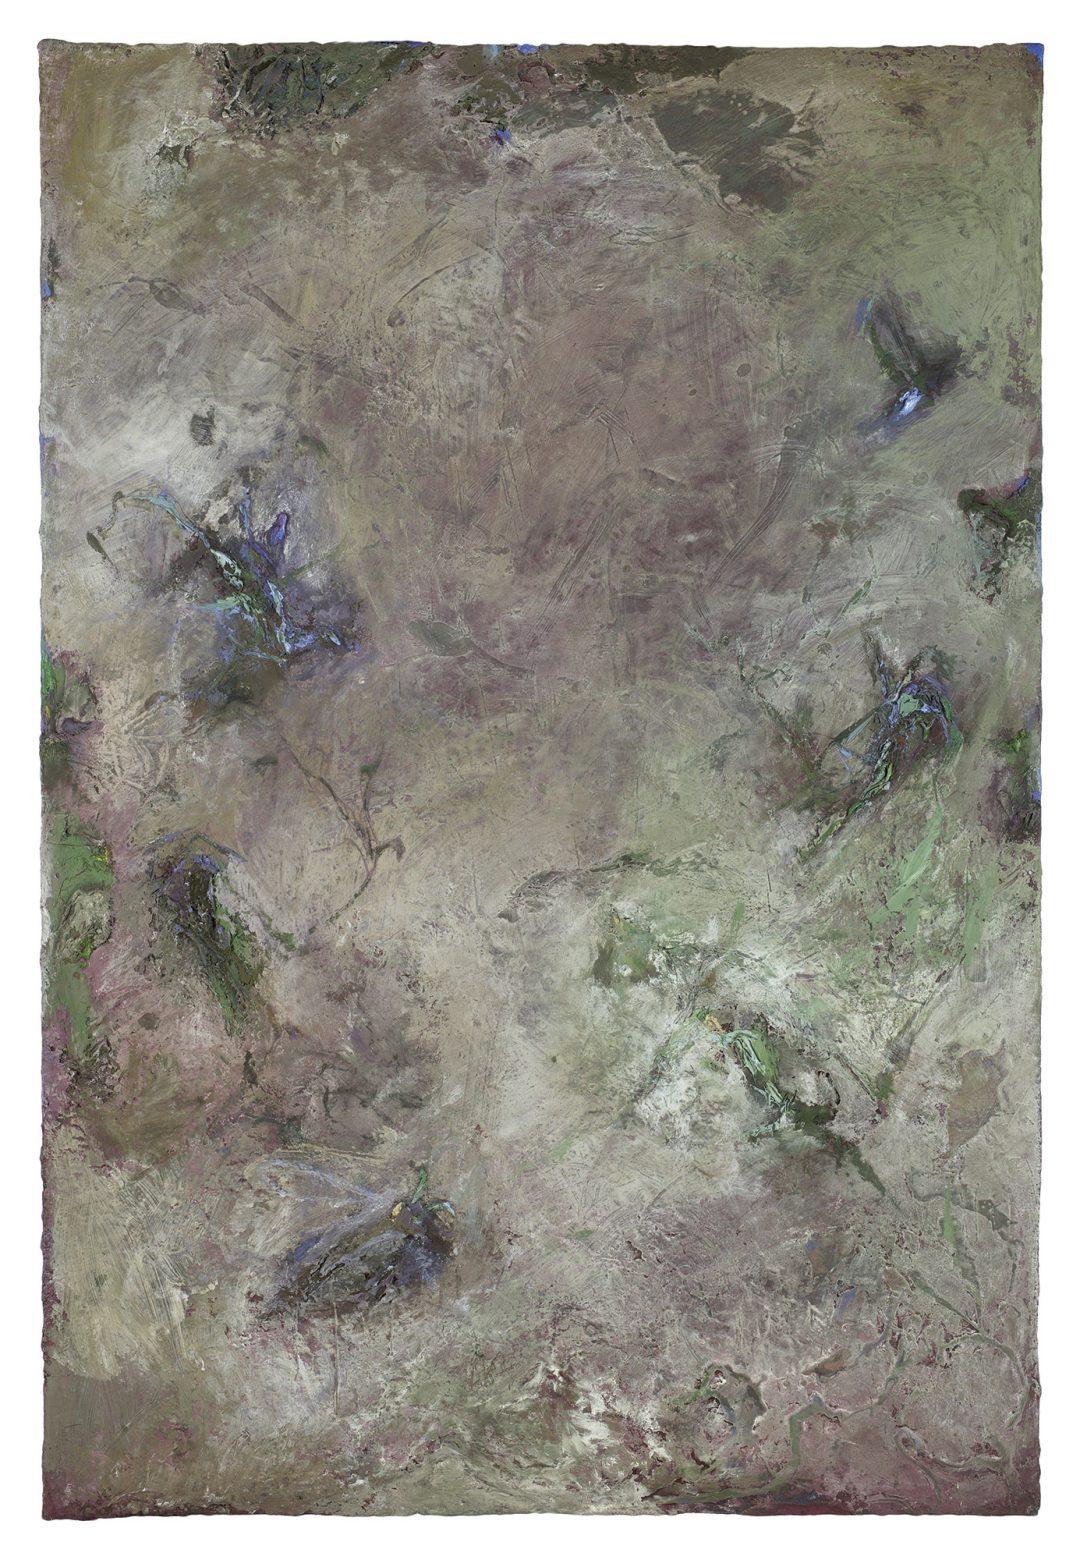 anne-manoli-2018-peinture-huile-emulsion-et-cire-sur-toile-200cmx133cm-serie-les-moires-galerie-nicolas-deman-paris-